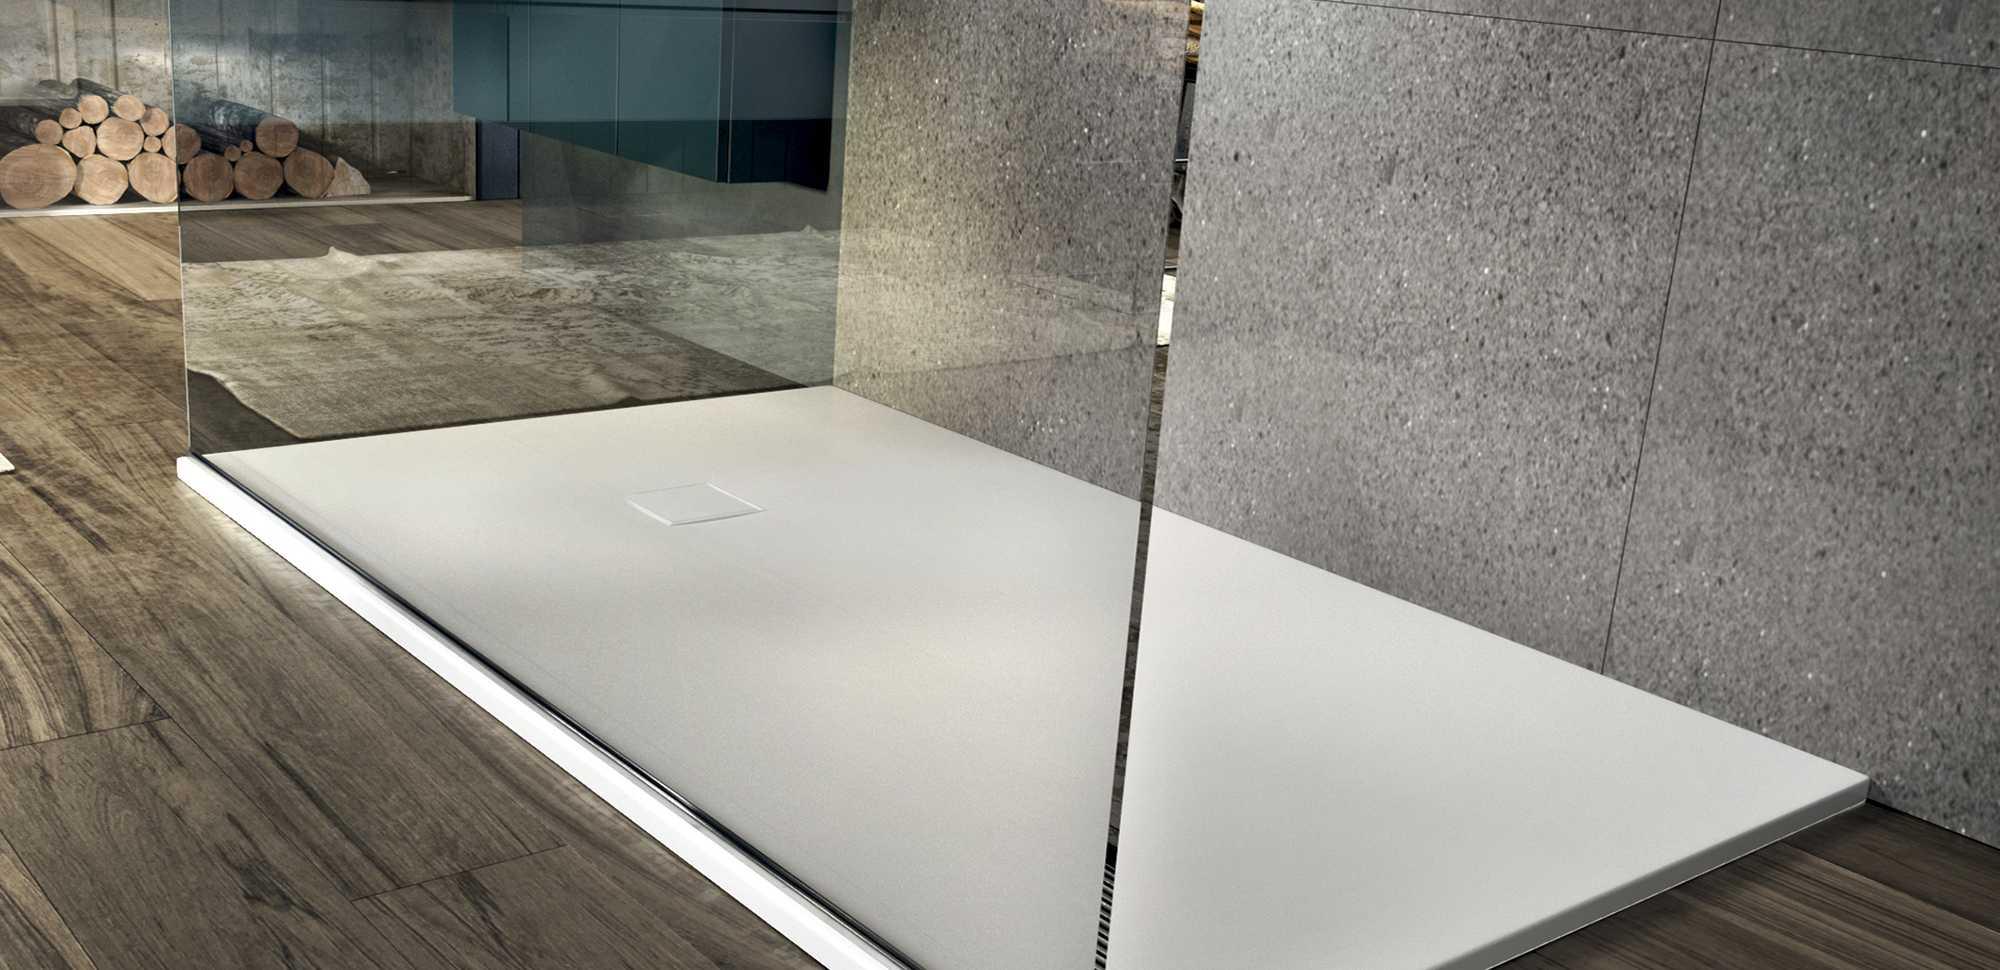 Piatto doccia, pro e contro dei materiali: come scegliere quello adatto?